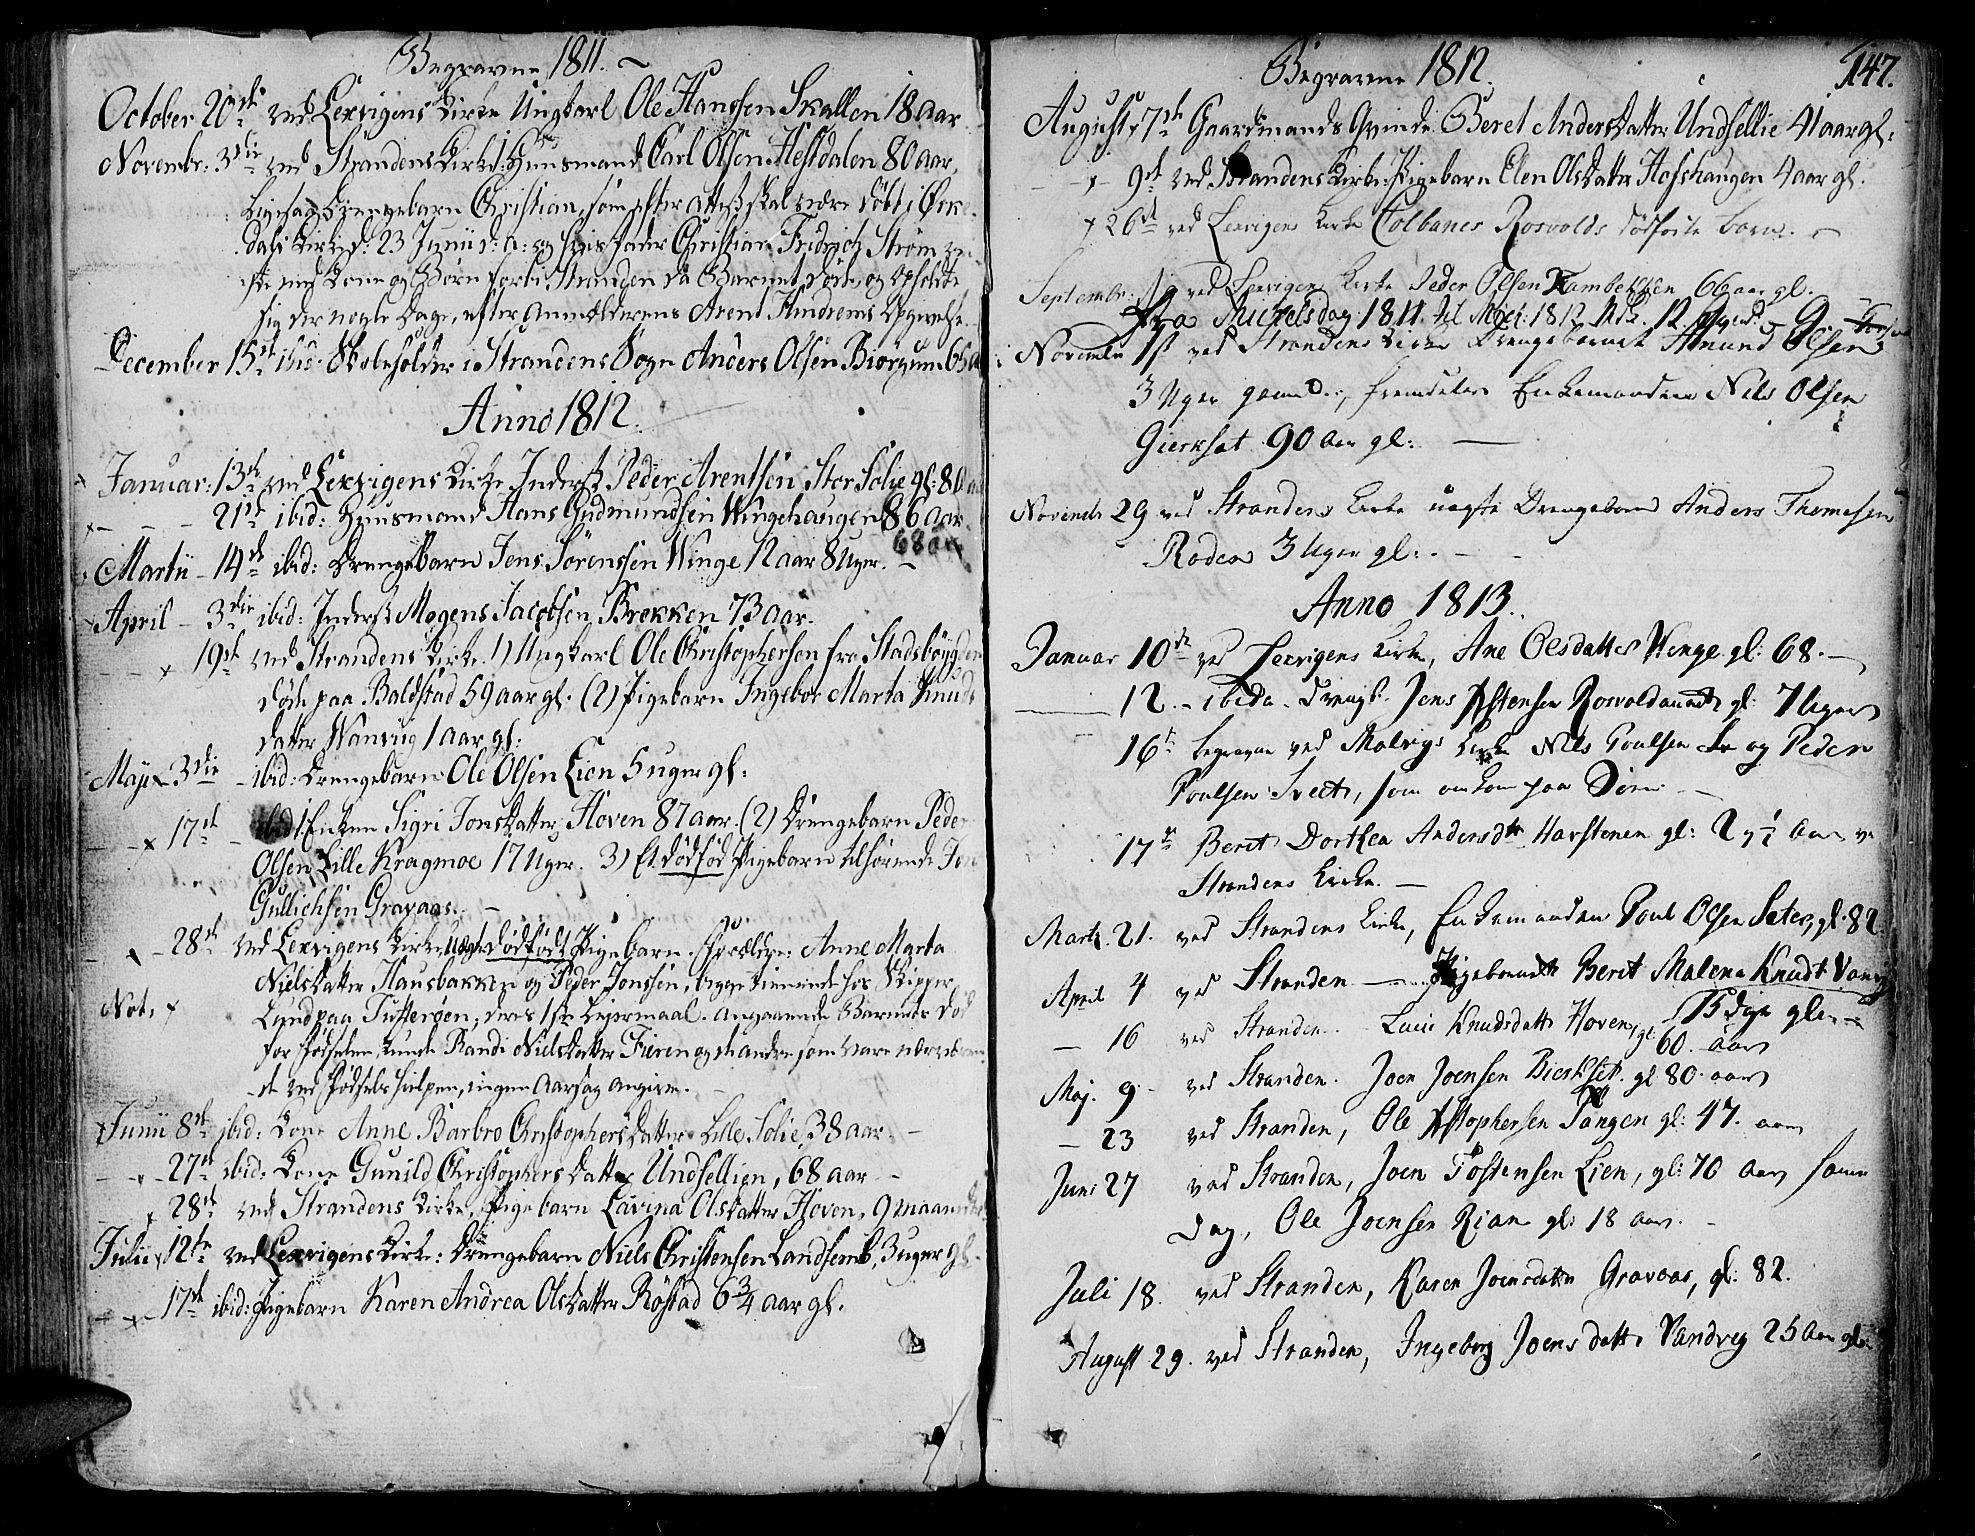 SAT, Ministerialprotokoller, klokkerbøker og fødselsregistre - Nord-Trøndelag, 701/L0004: Ministerialbok nr. 701A04, 1783-1816, s. 147